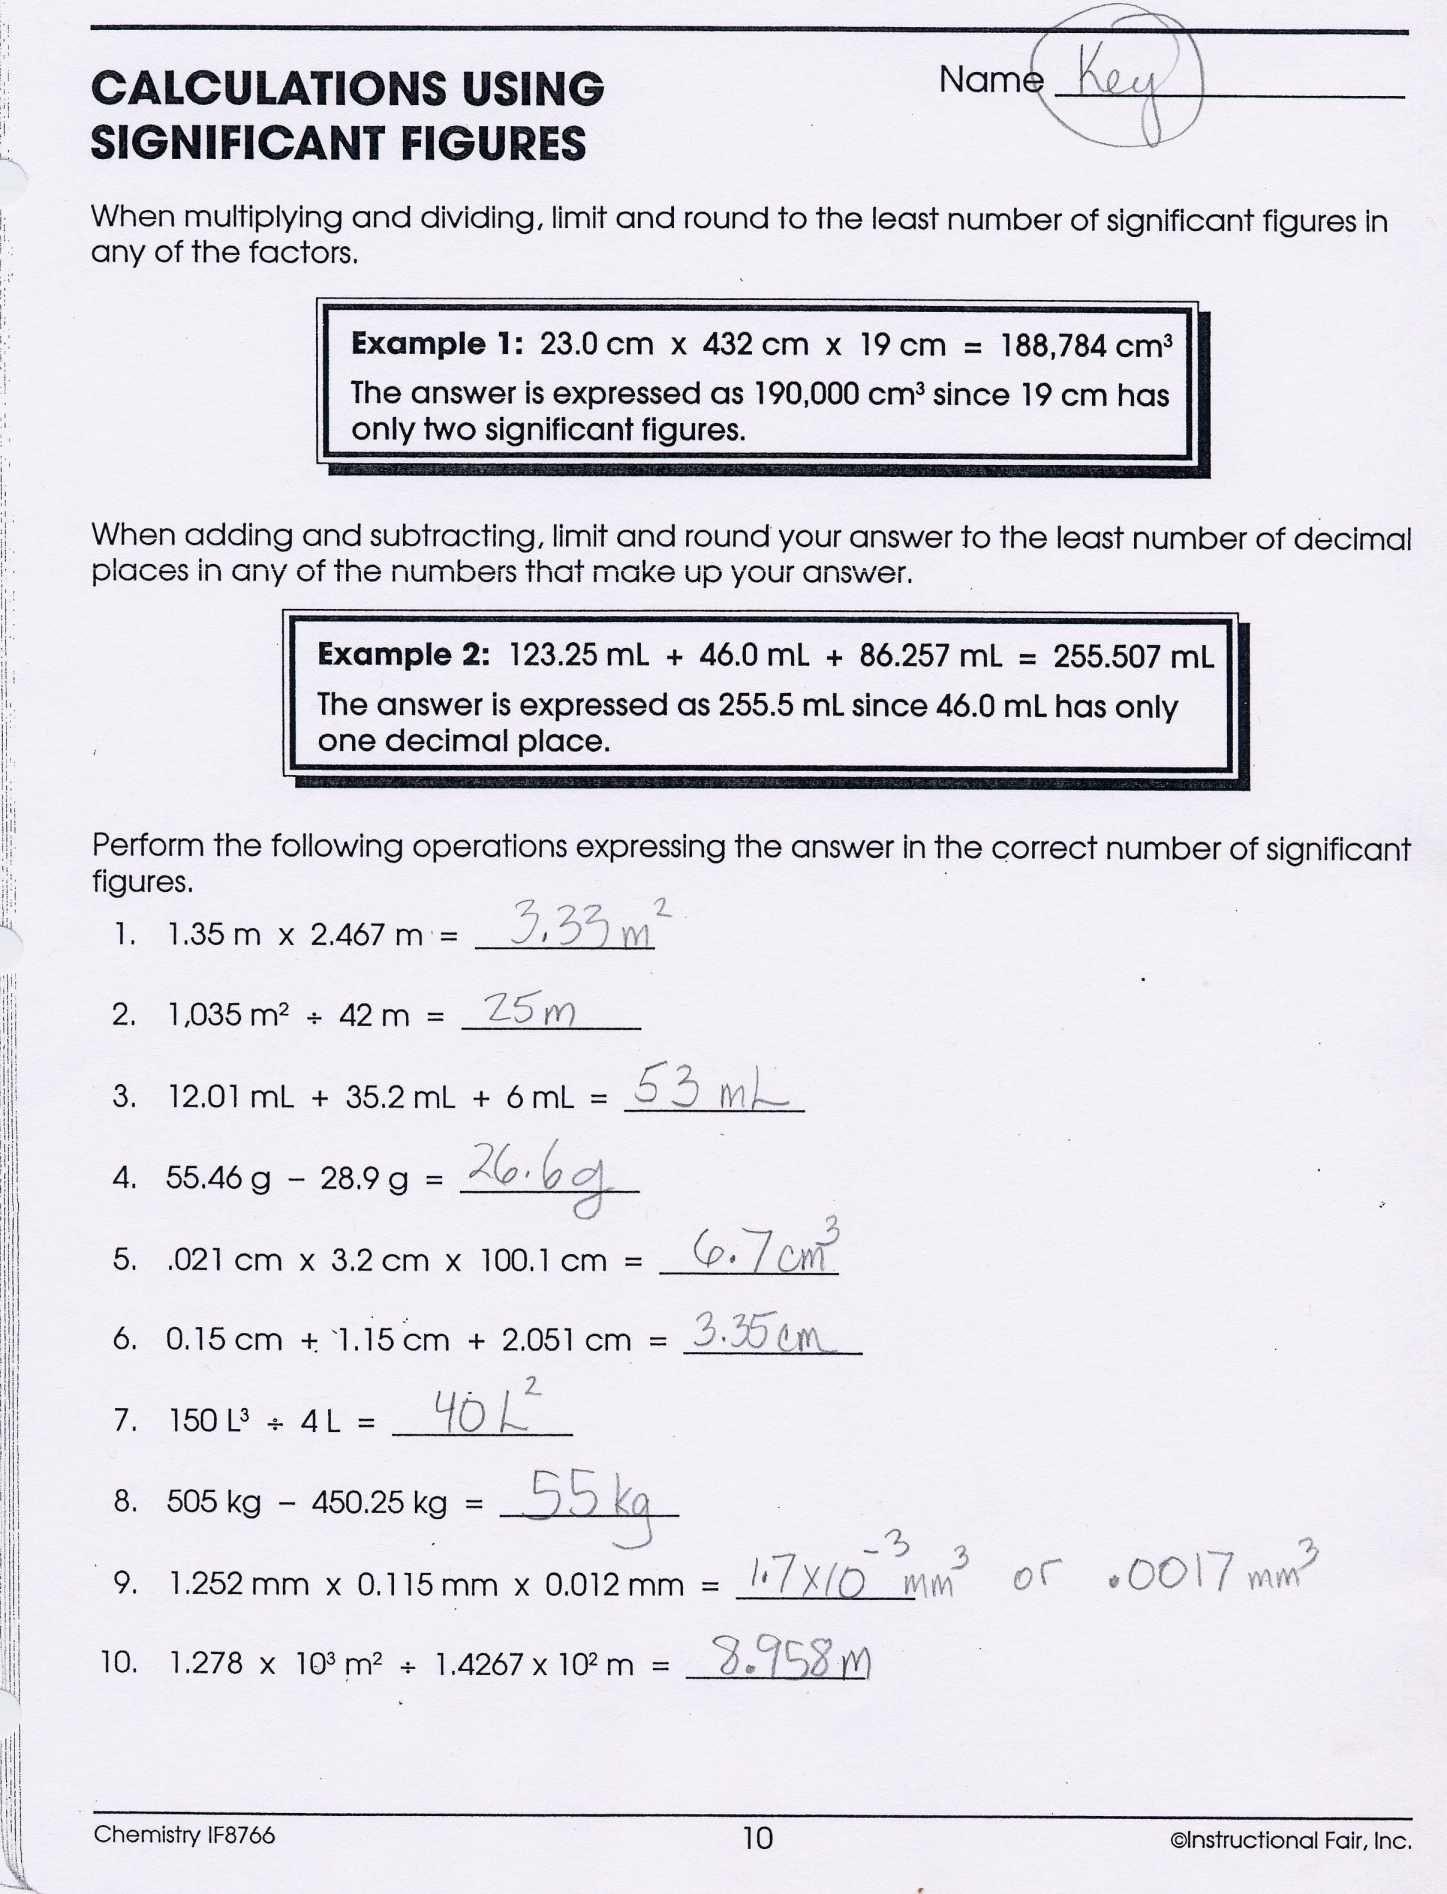 Lewis Dot Diagram Worksheet Ionic Bonding Dot Diagram and Worksheet